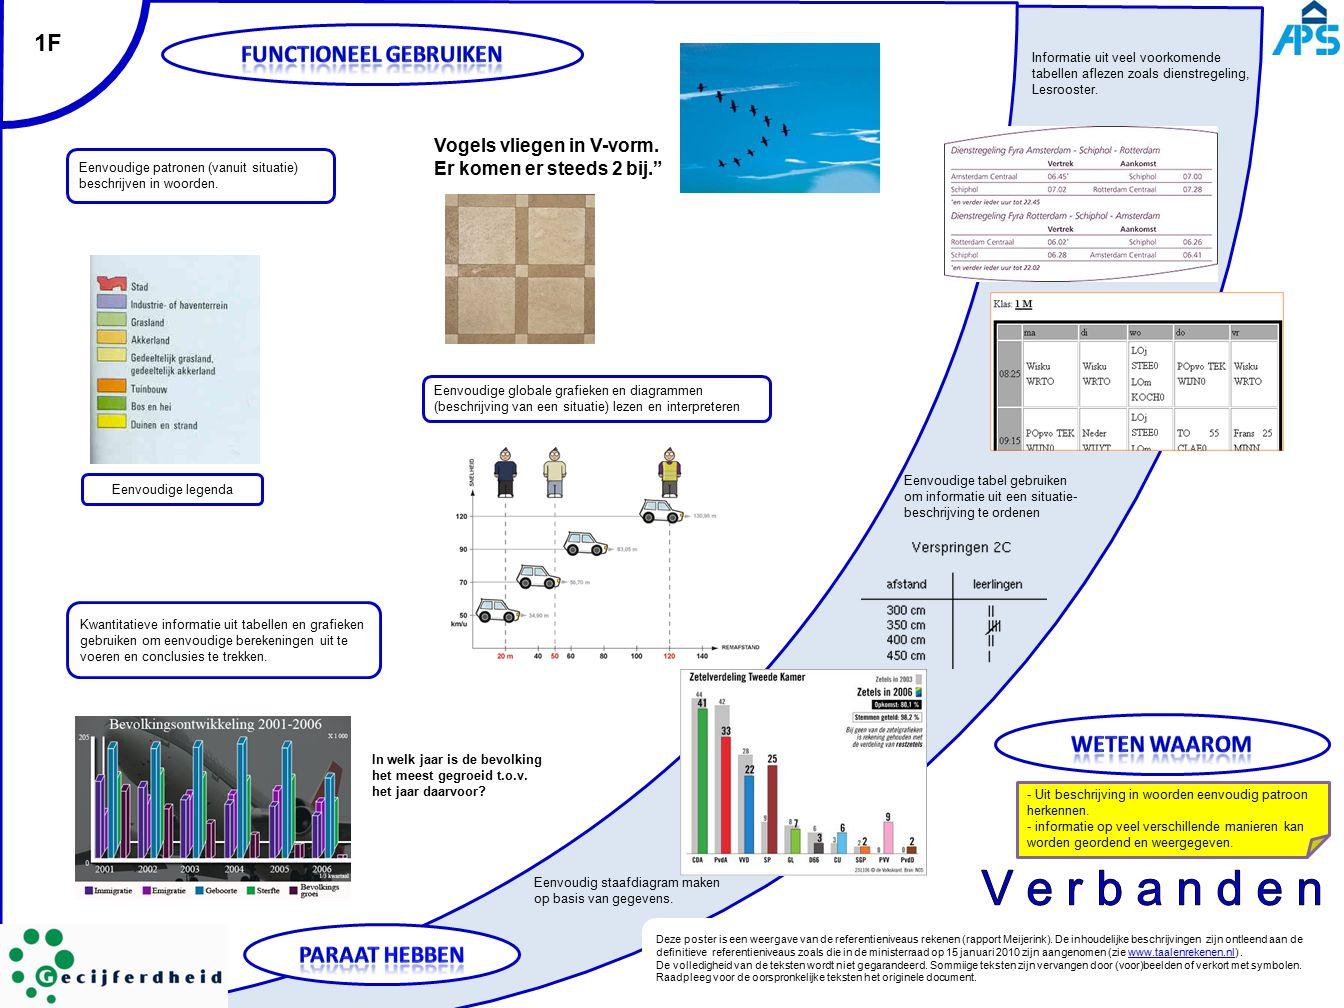 1F Eenvoudige patronen (vanuit situatie) beschrijven in woorden. Kwantitatieve informatie uit tabellen en grafieken gebruiken om eenvoudige berekening